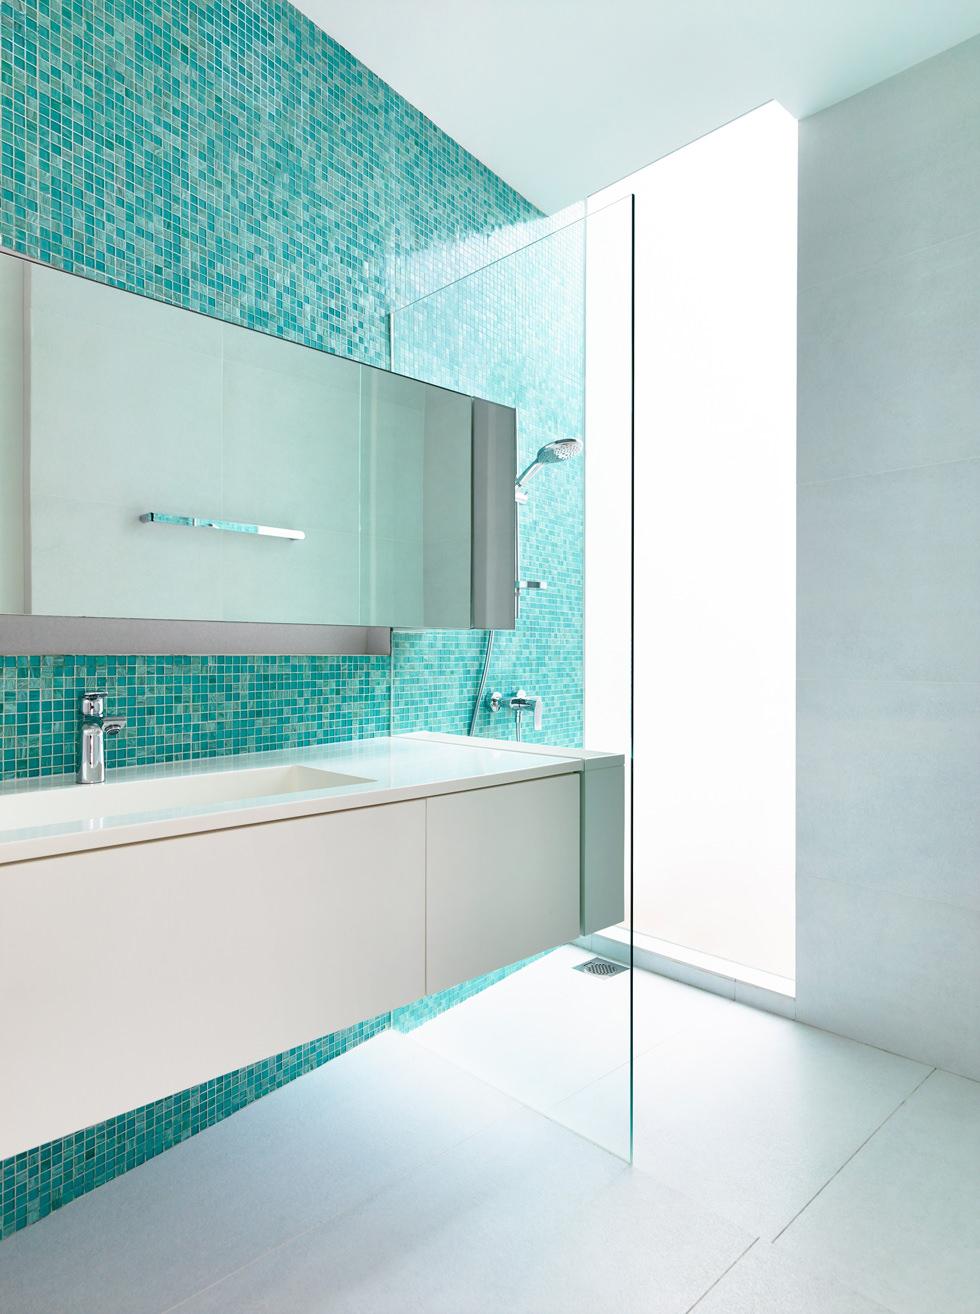 Bagni In Mosaico Moderni.Bagno Con Pavimenti E Rivestimenti In Mosaico 100 Idee